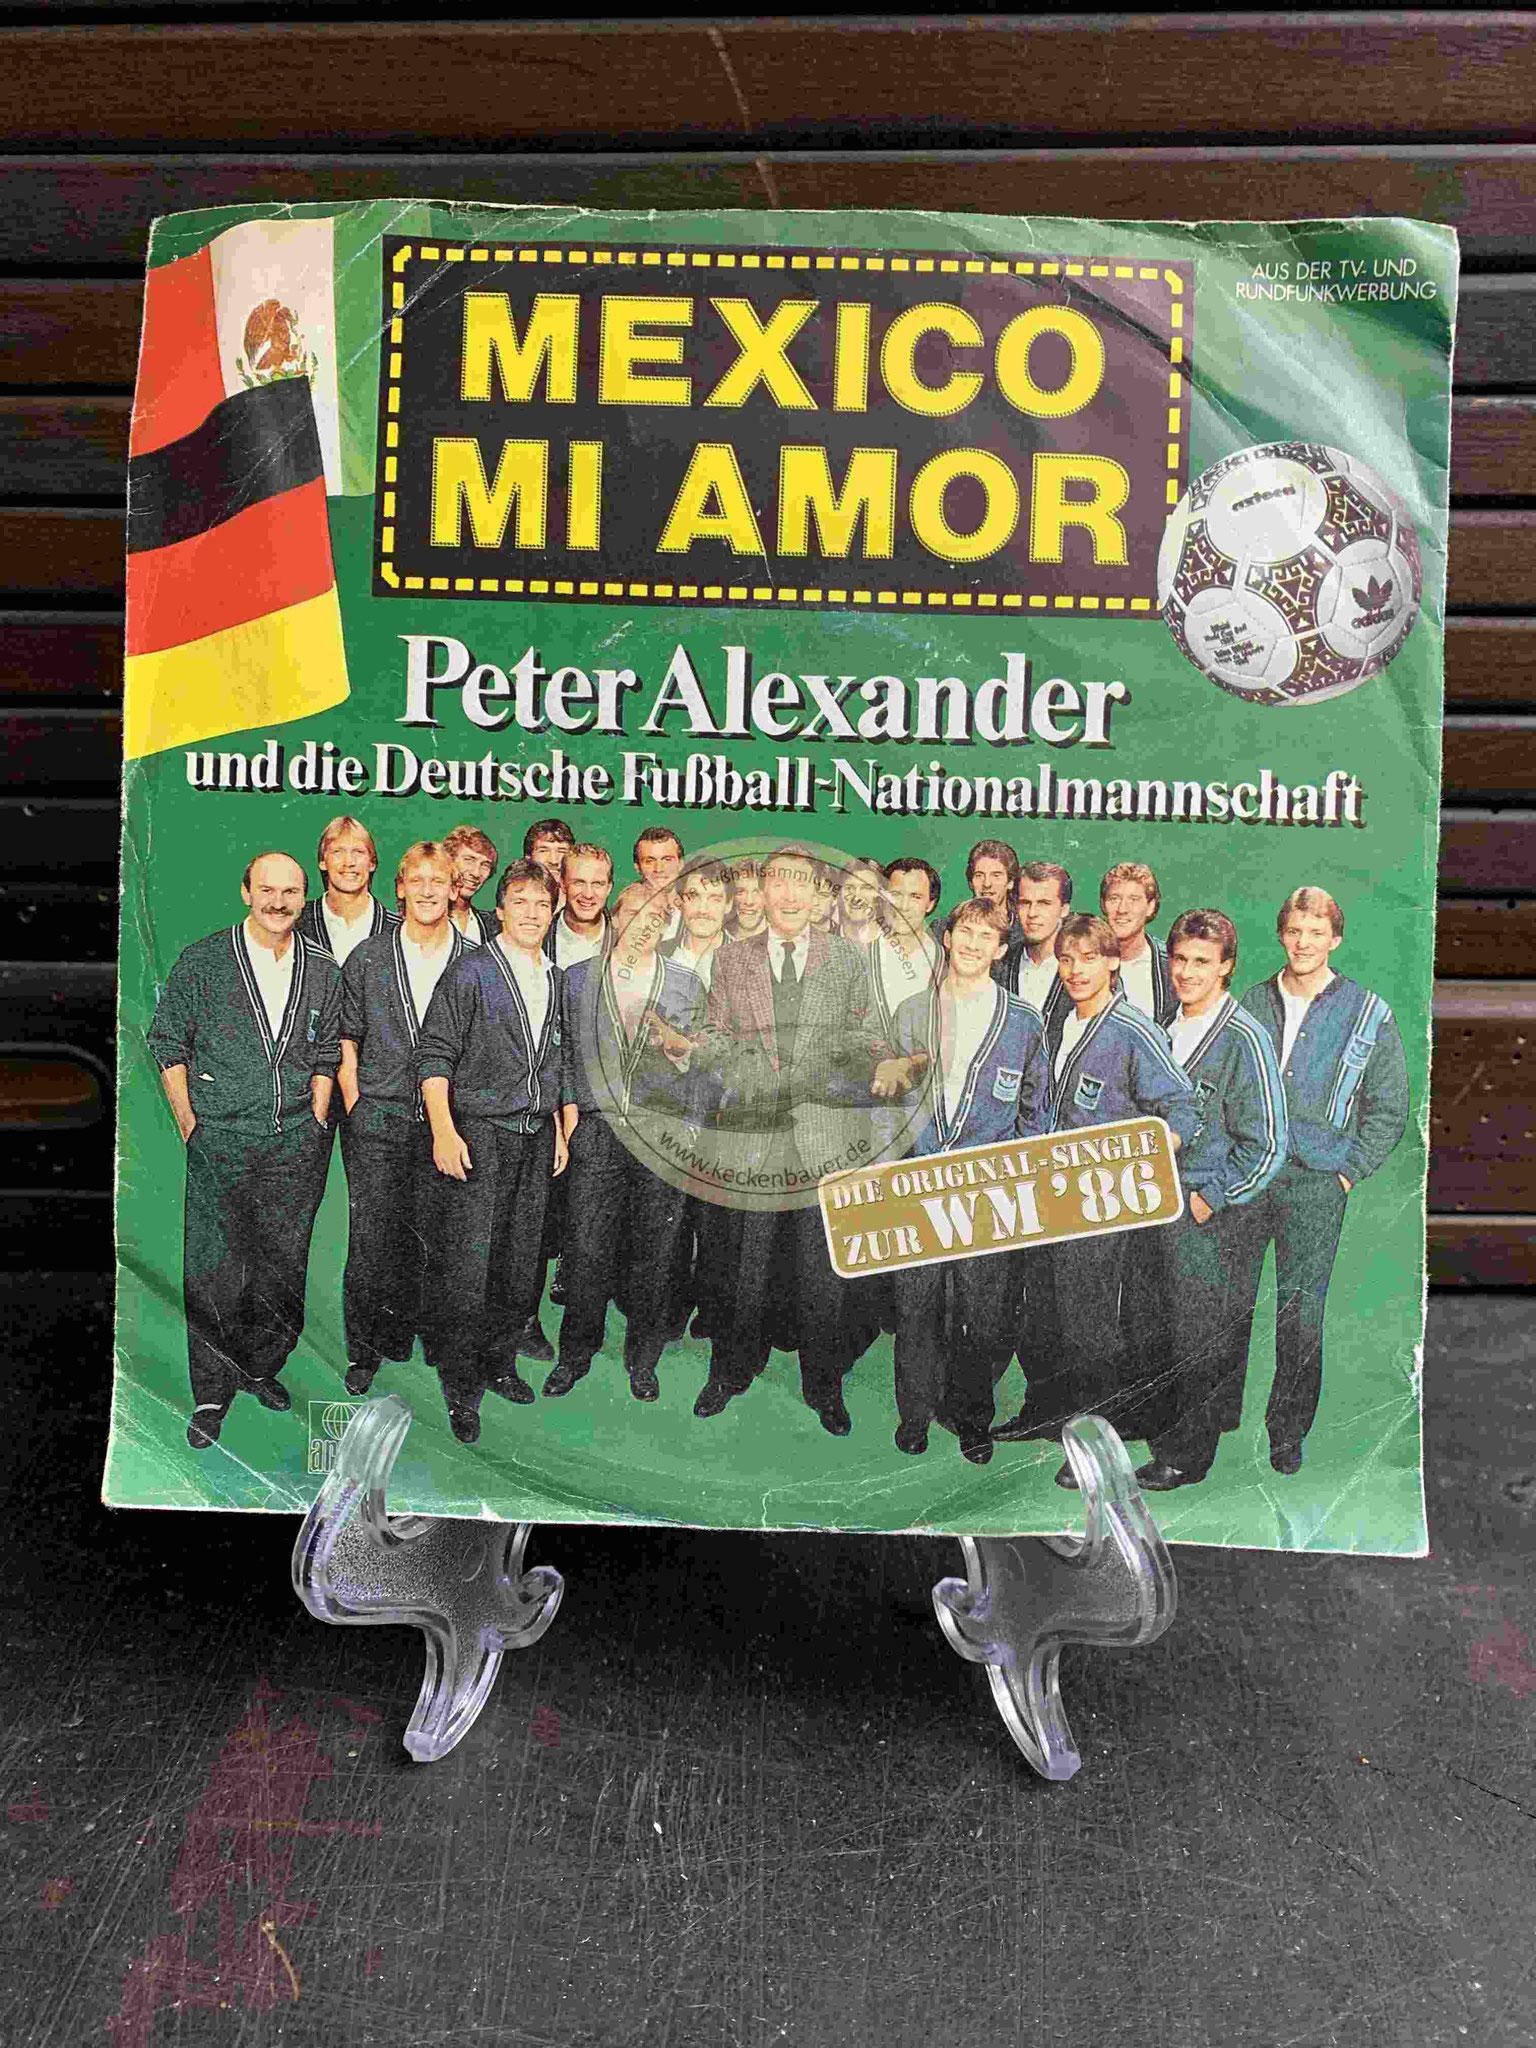 1986 Mexico Mi Amor Peter Alexander und die Deutsche Fußball-Nationalmannschaft